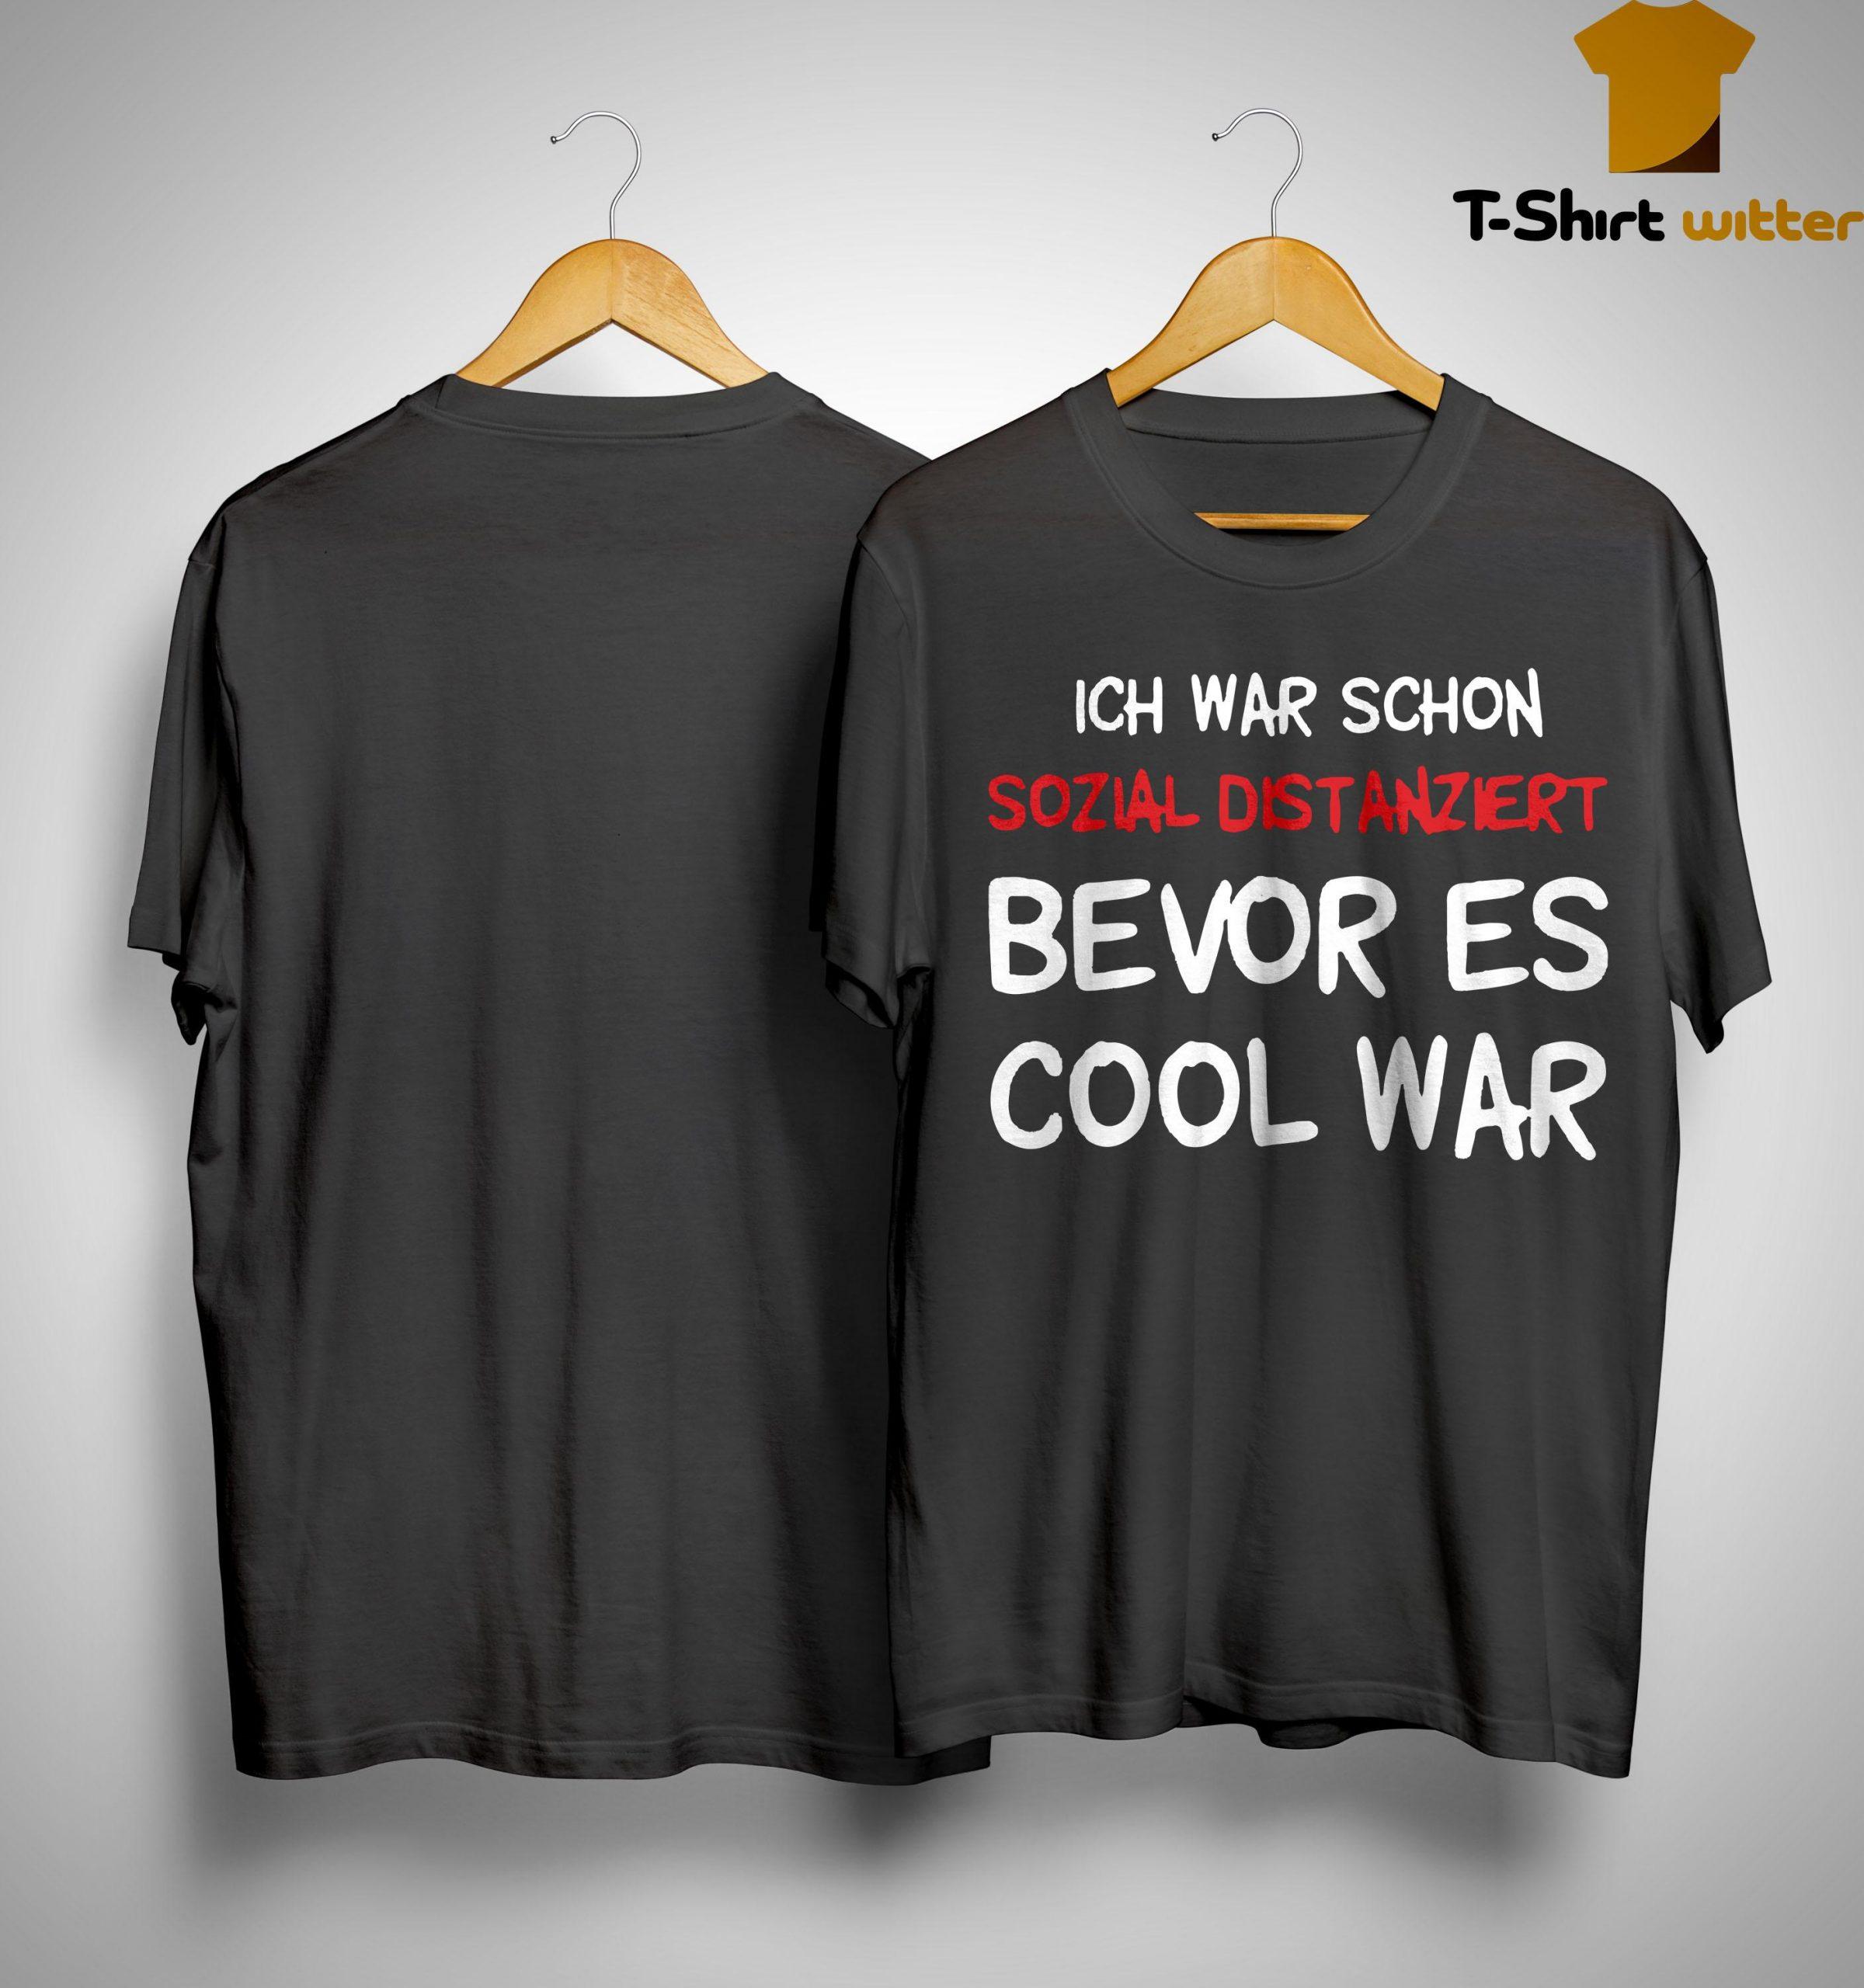 Ich War Schon Sozial Distanziert Bevor Es Cool War Shirt